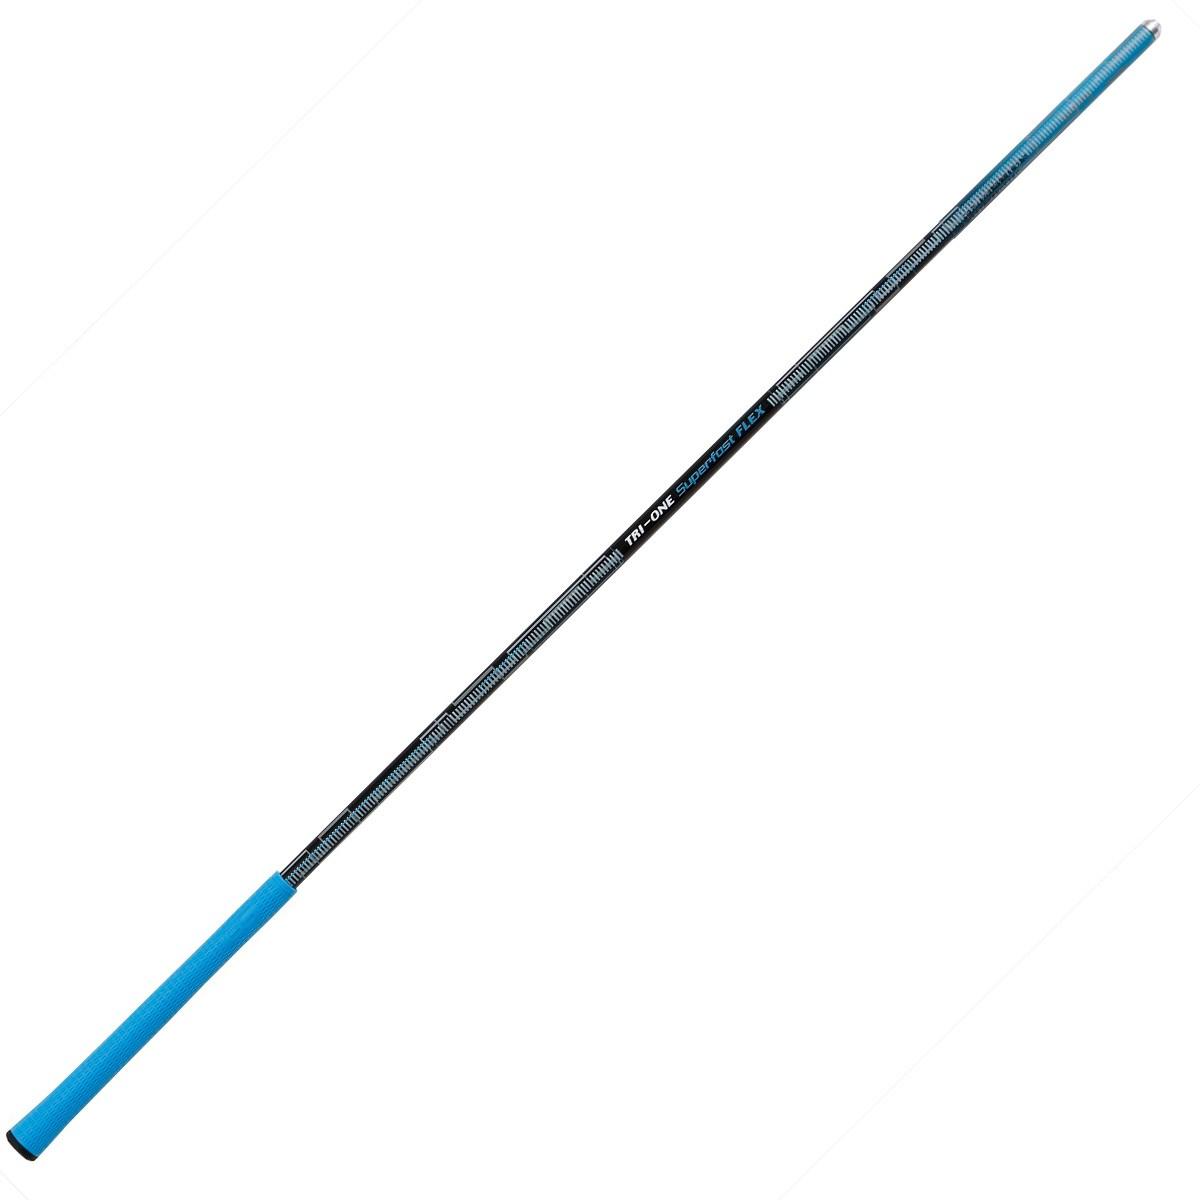 ロイヤルコレクション TRI-ONE Superfast FLEX 長さ:43インチ ブルー